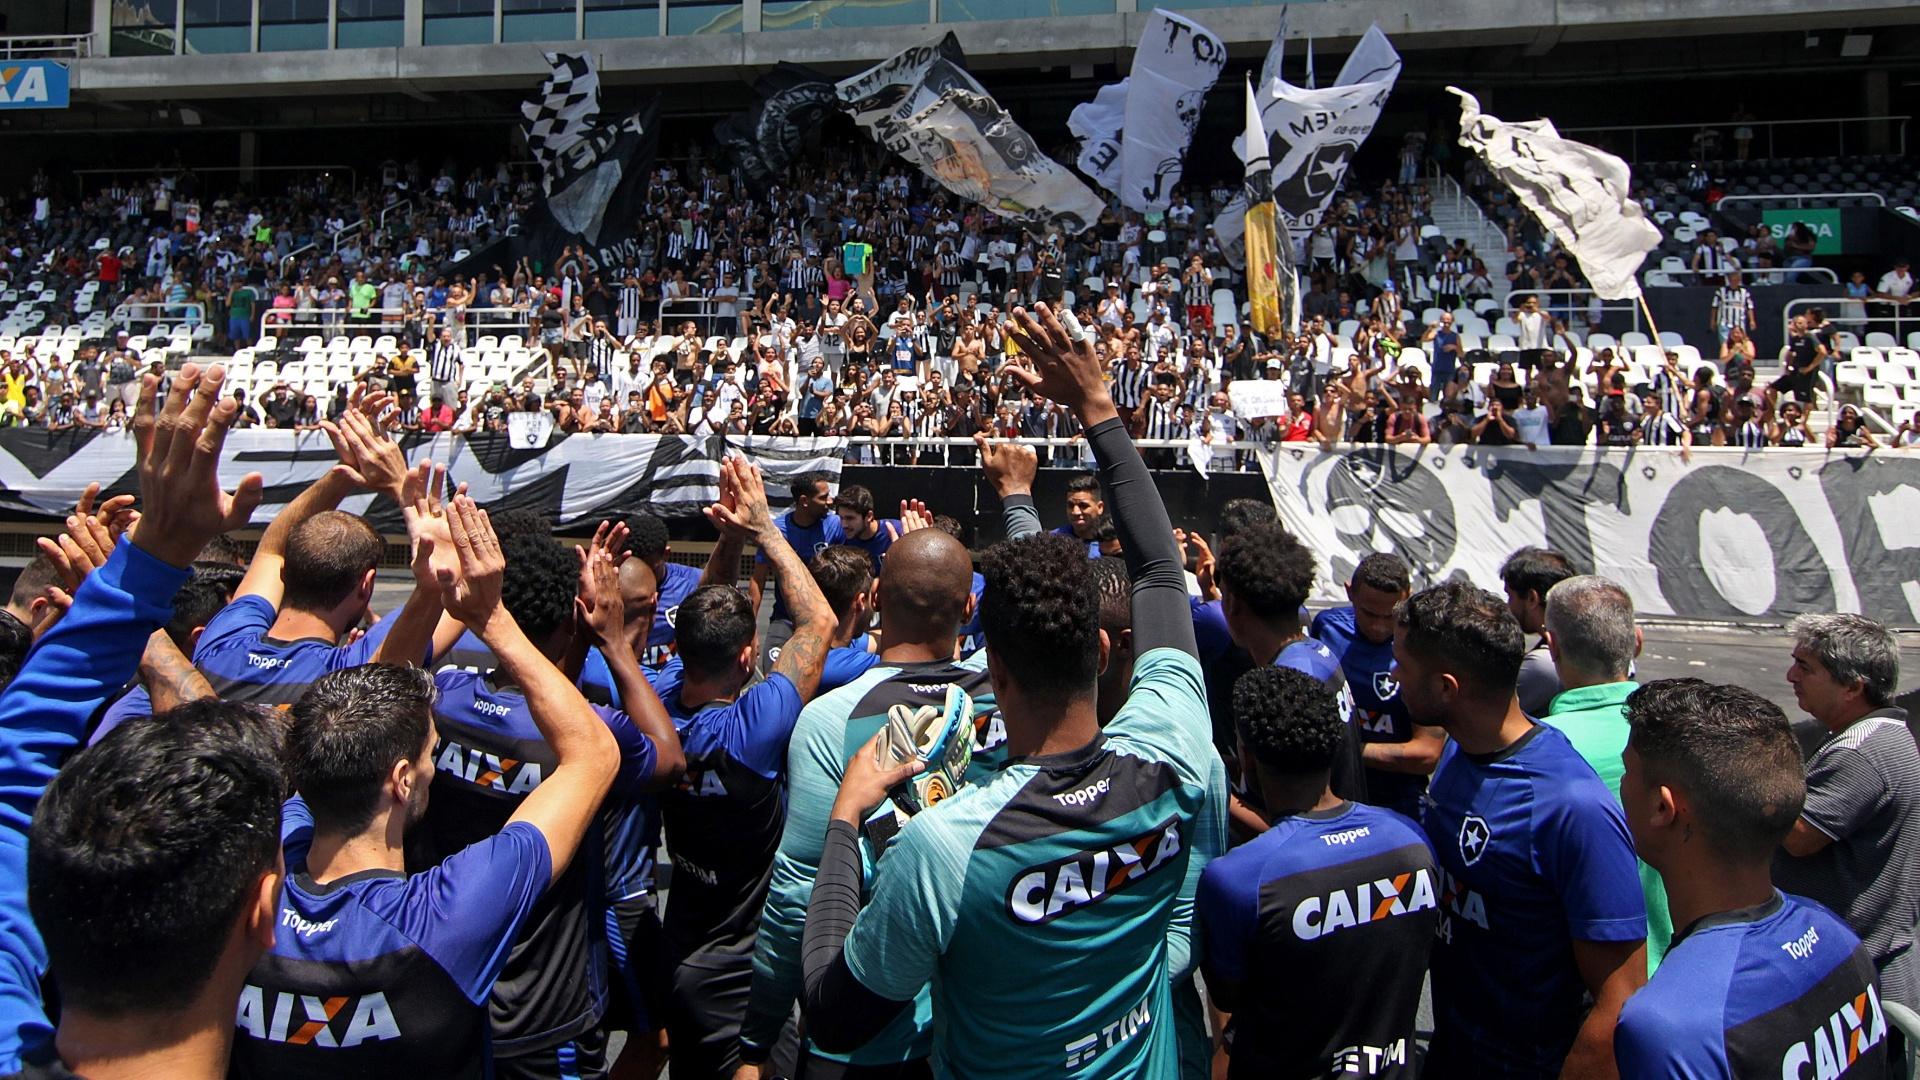 Elenco do Botafogo saúda torcida em treino aberto no Nilton Santos antes do jogo contra o Corinthians